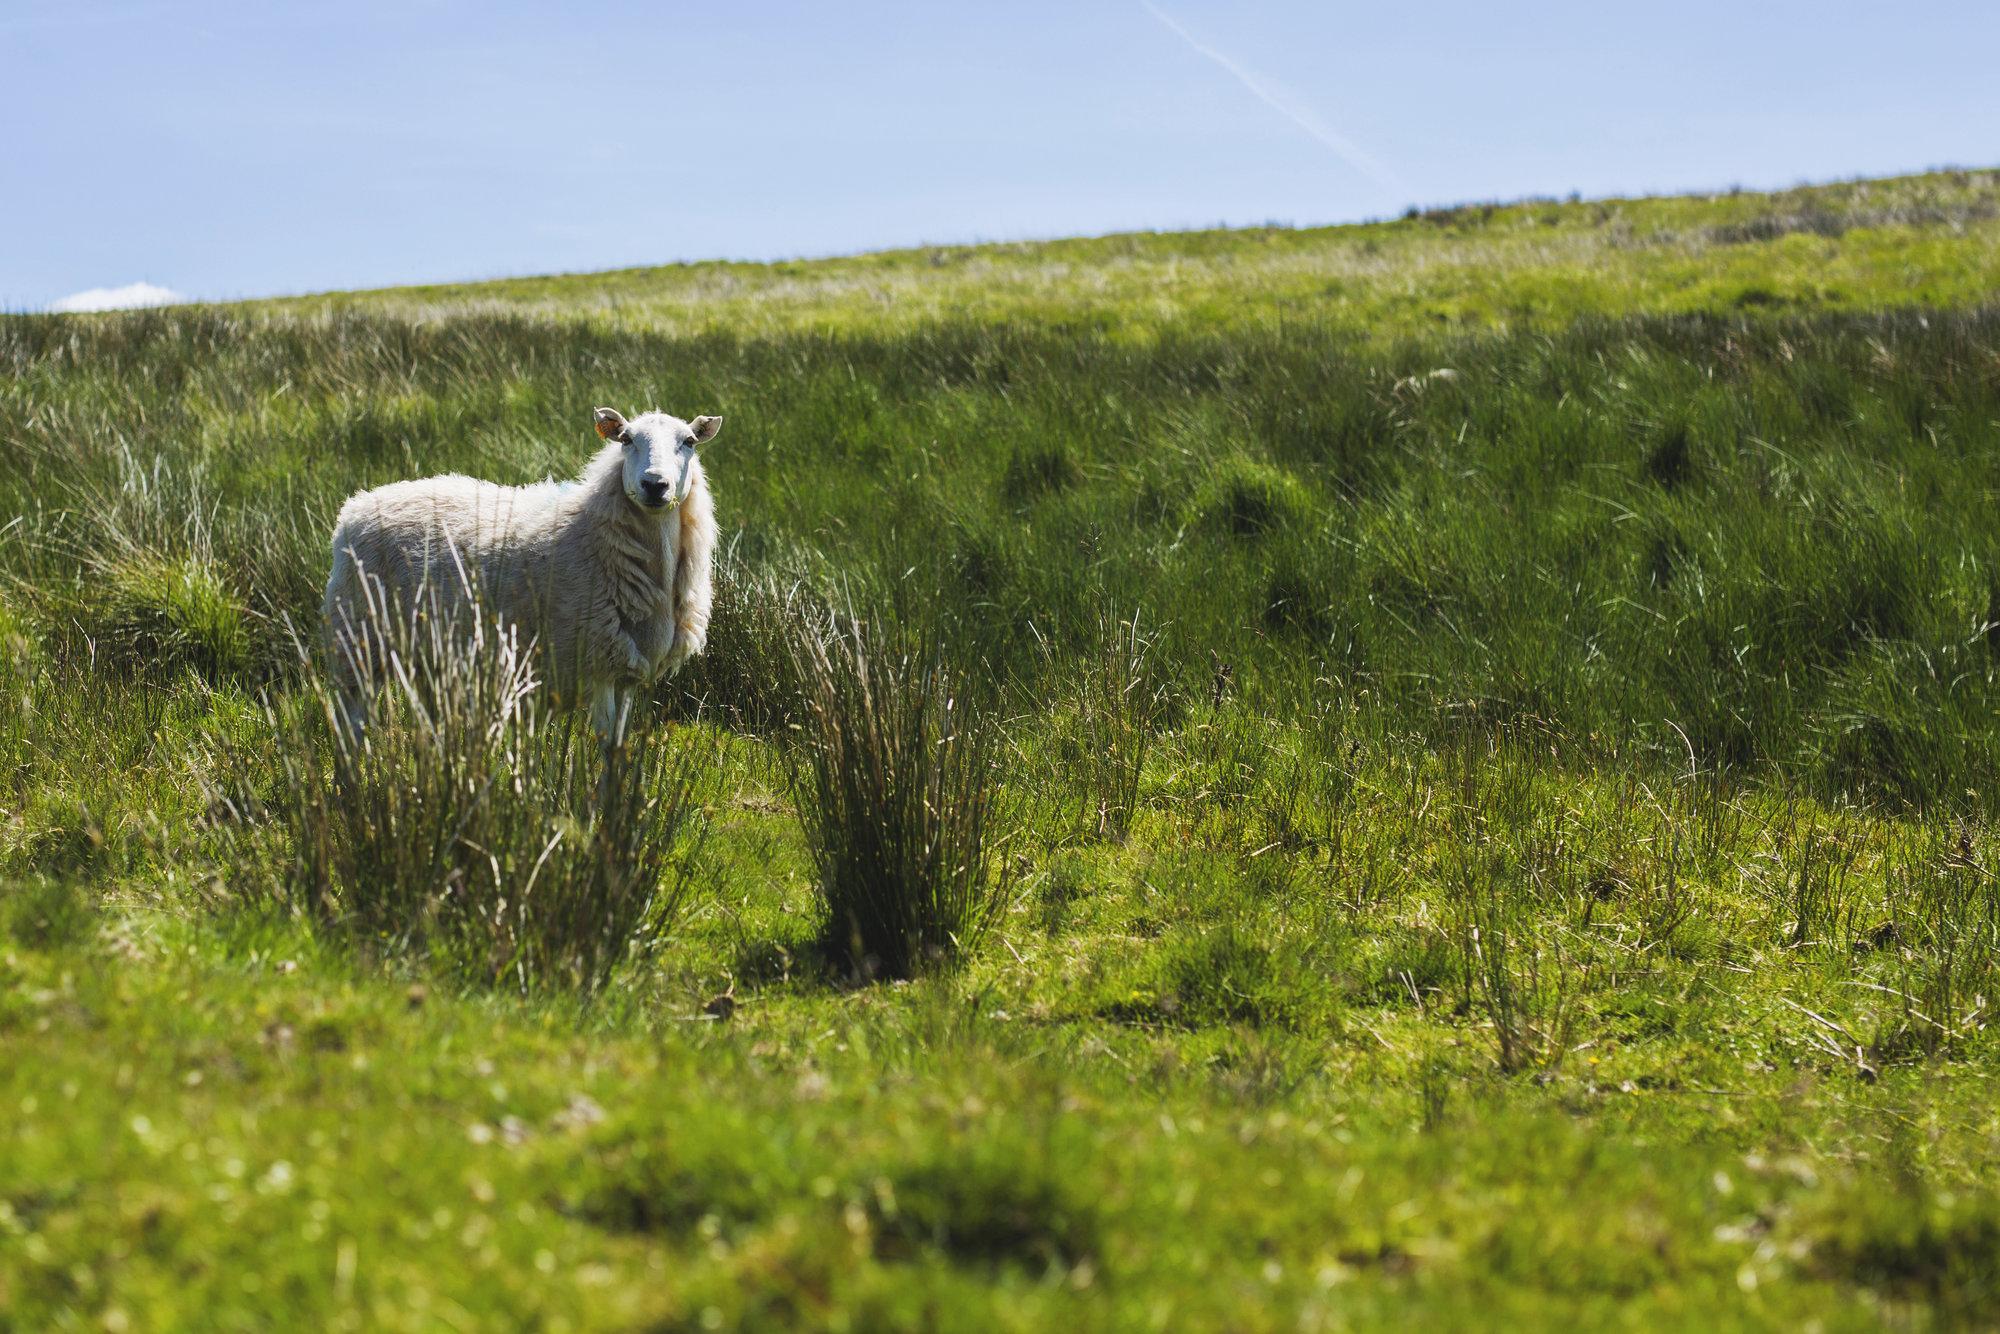 všudypřítomné ovce